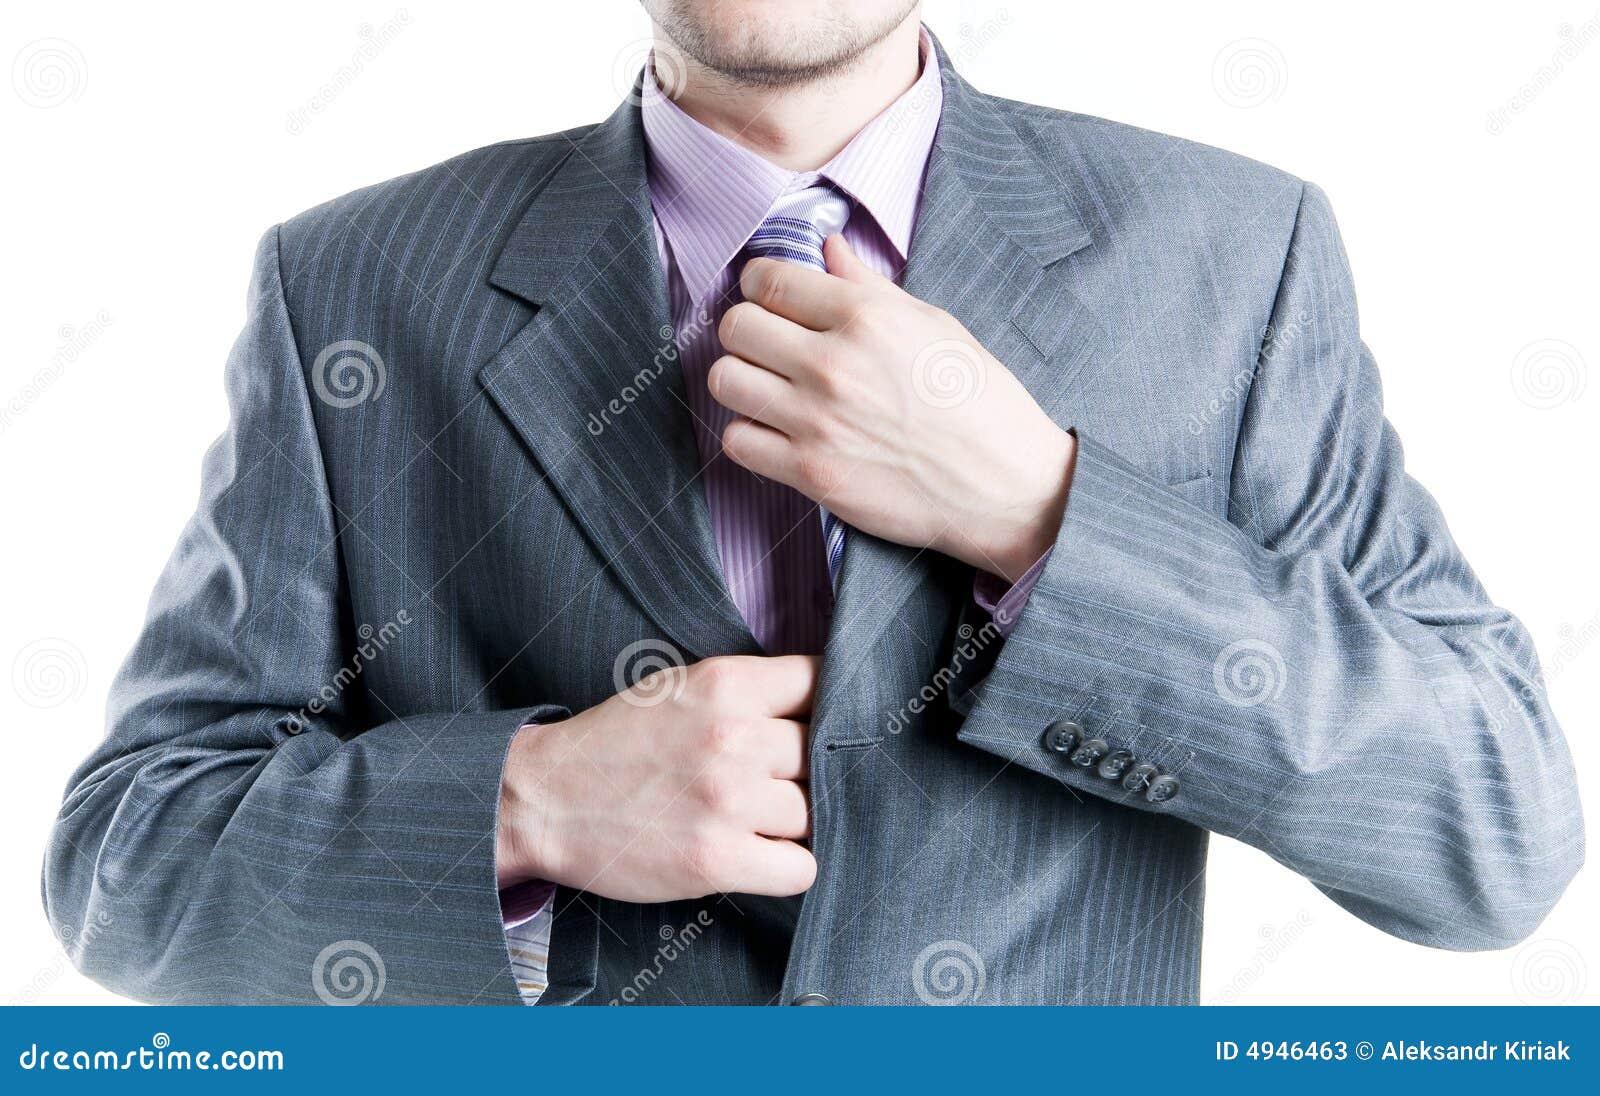 Член в галстуке 10 фотография